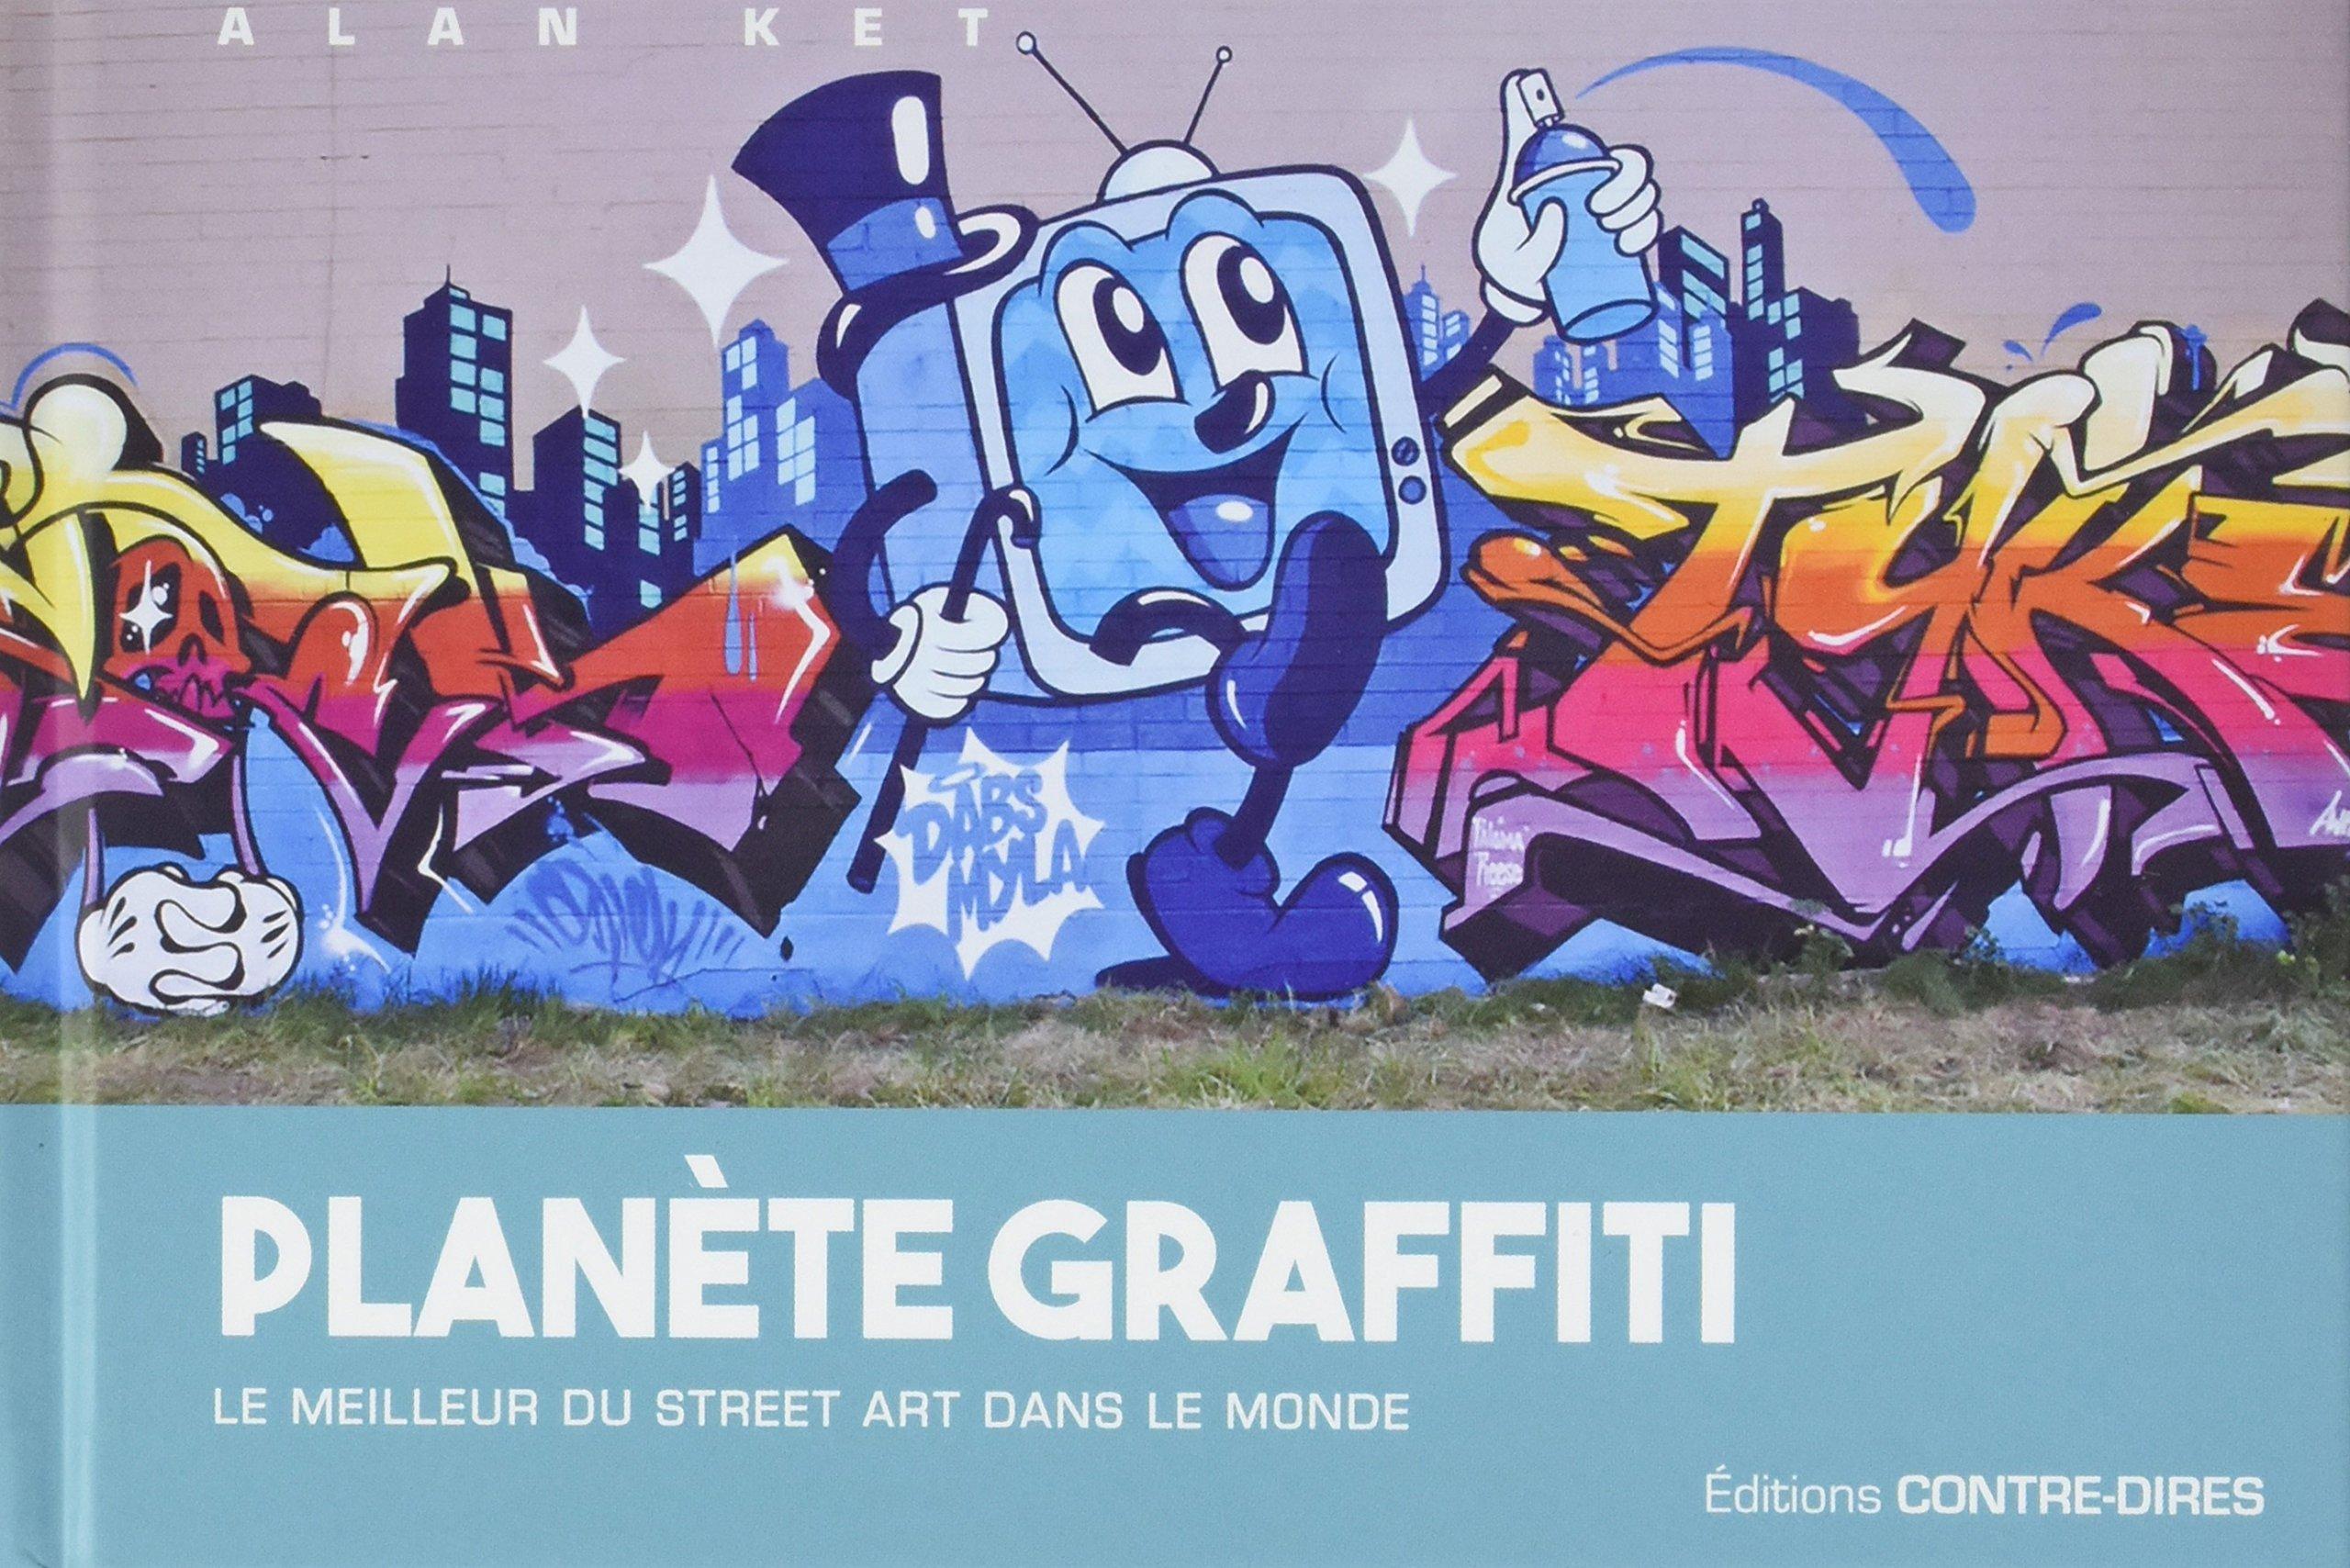 Planète graffiti le meilleur du street art dans le monde french album 9 sep 2016